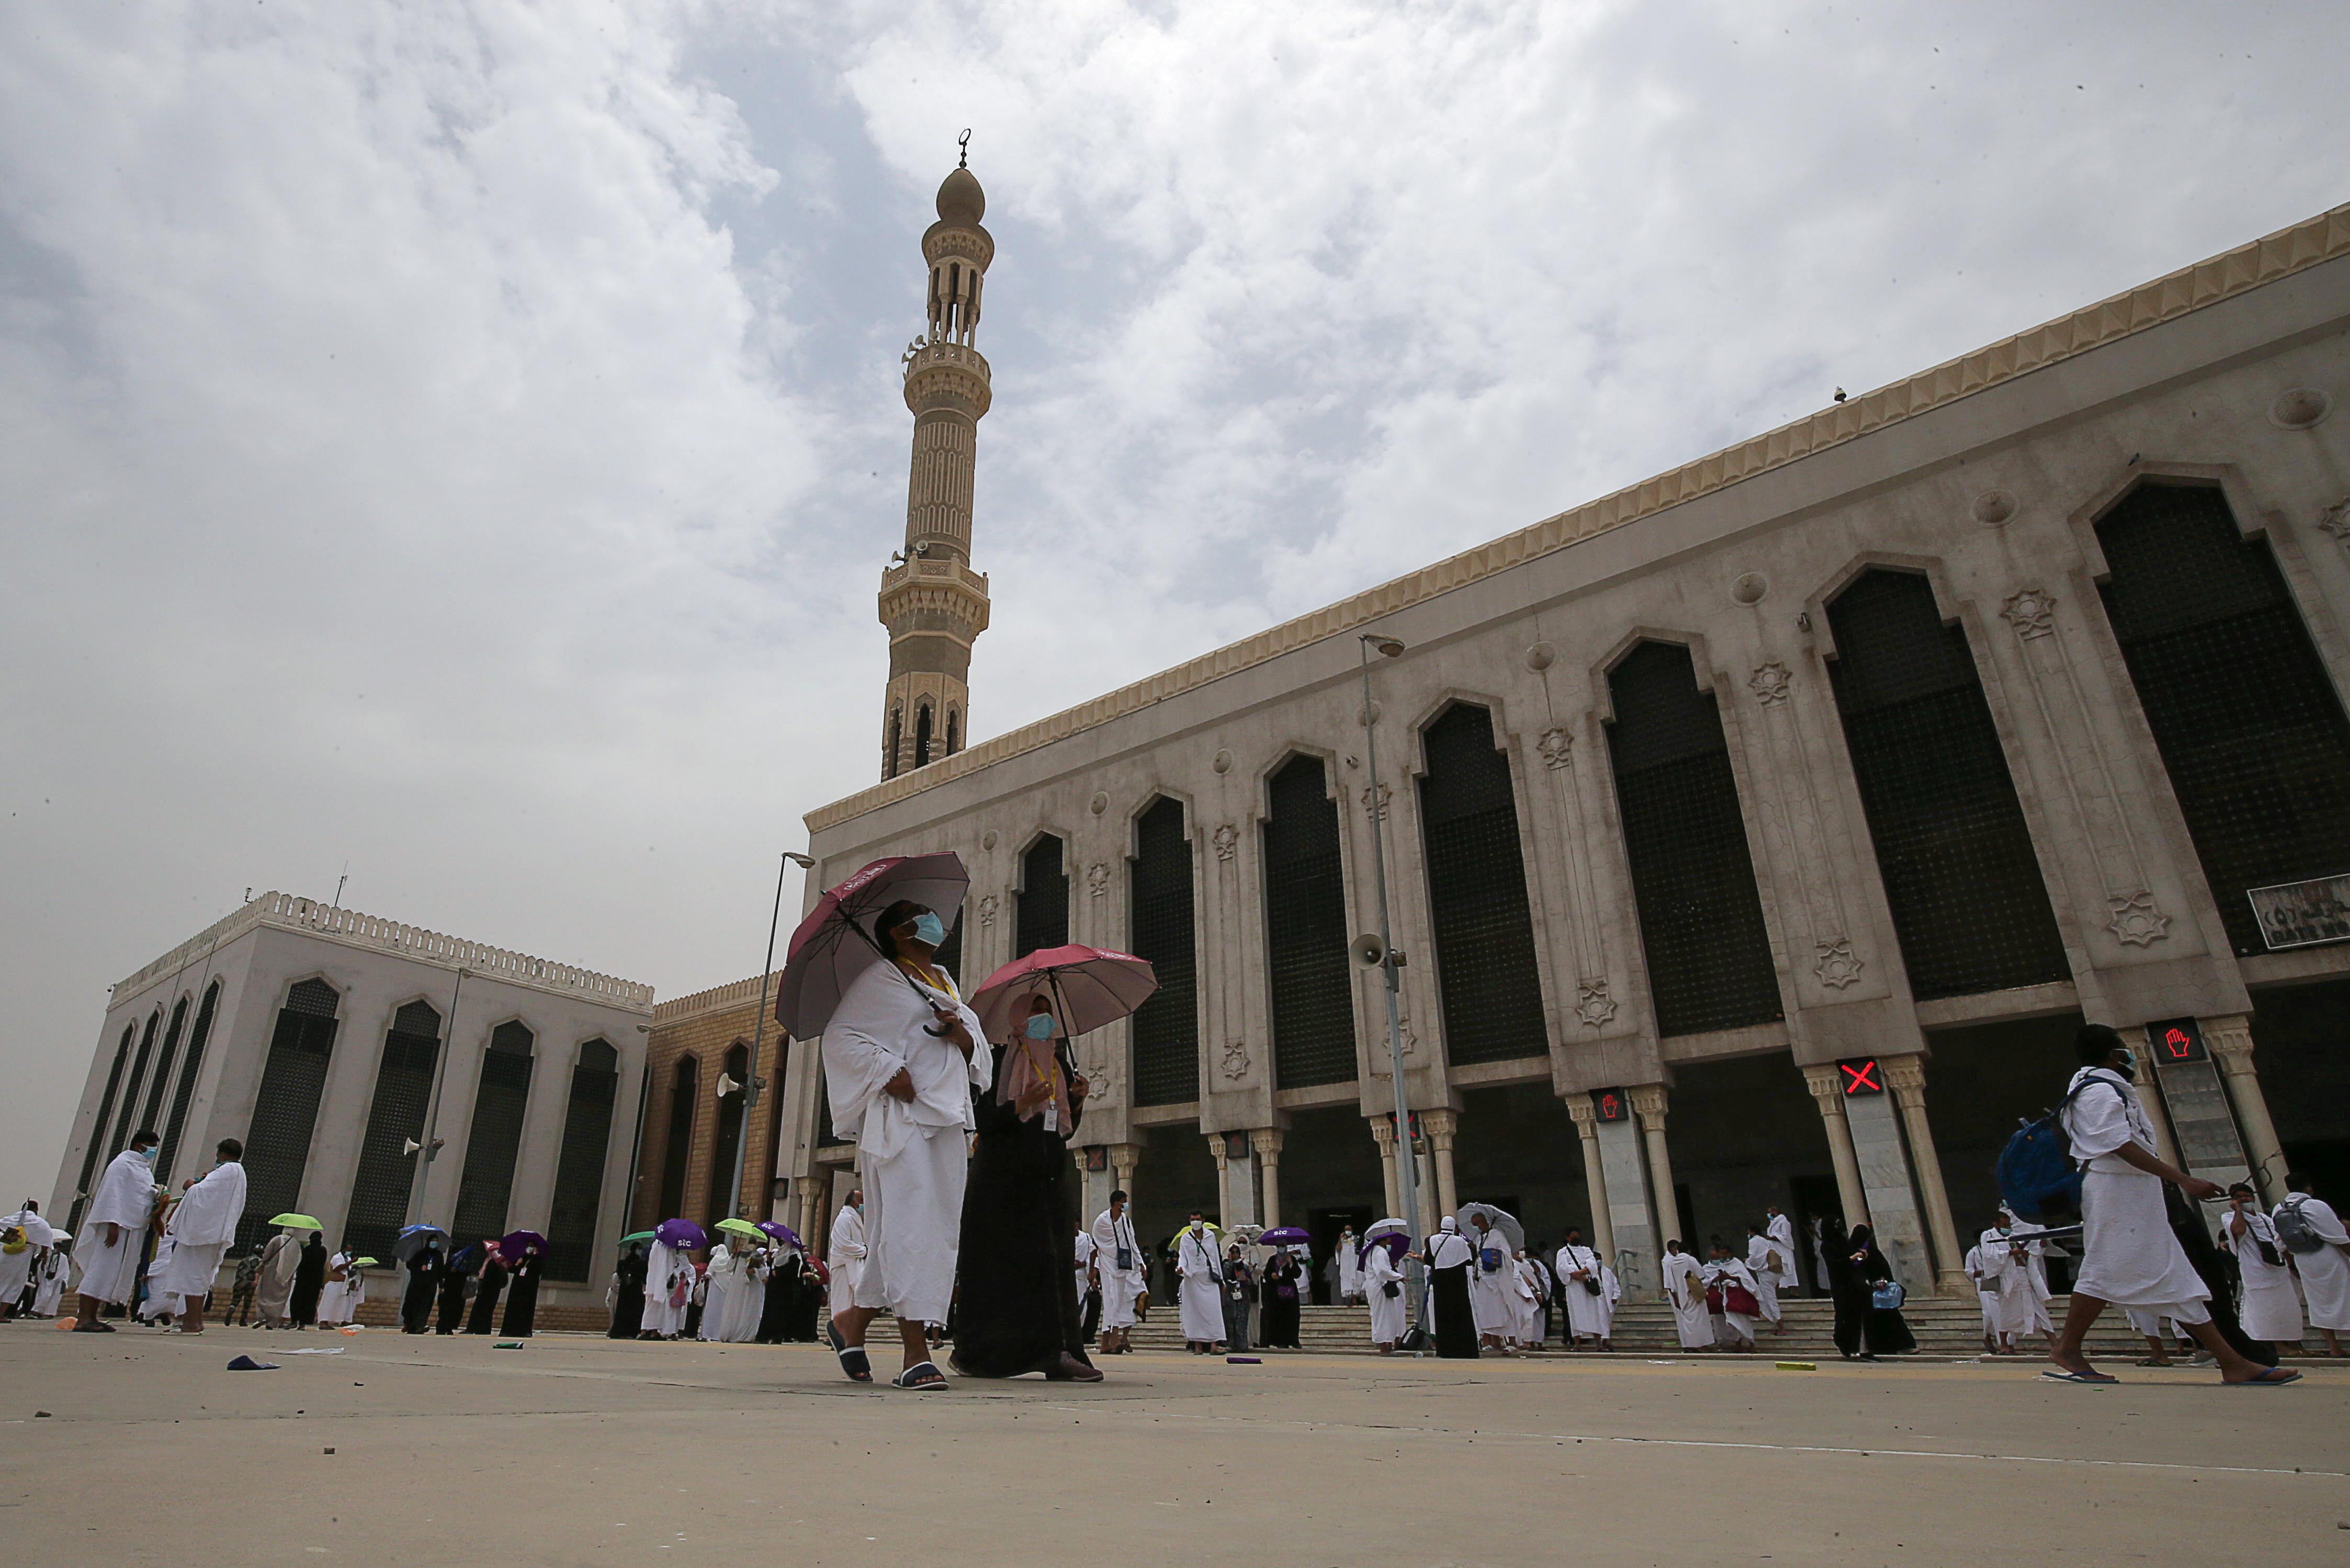 नमीरा मस्जिद के सामने से गुजरते हज यात्री। यहां हजारों लोग एक साथ नमाज पढ़ते हैं।